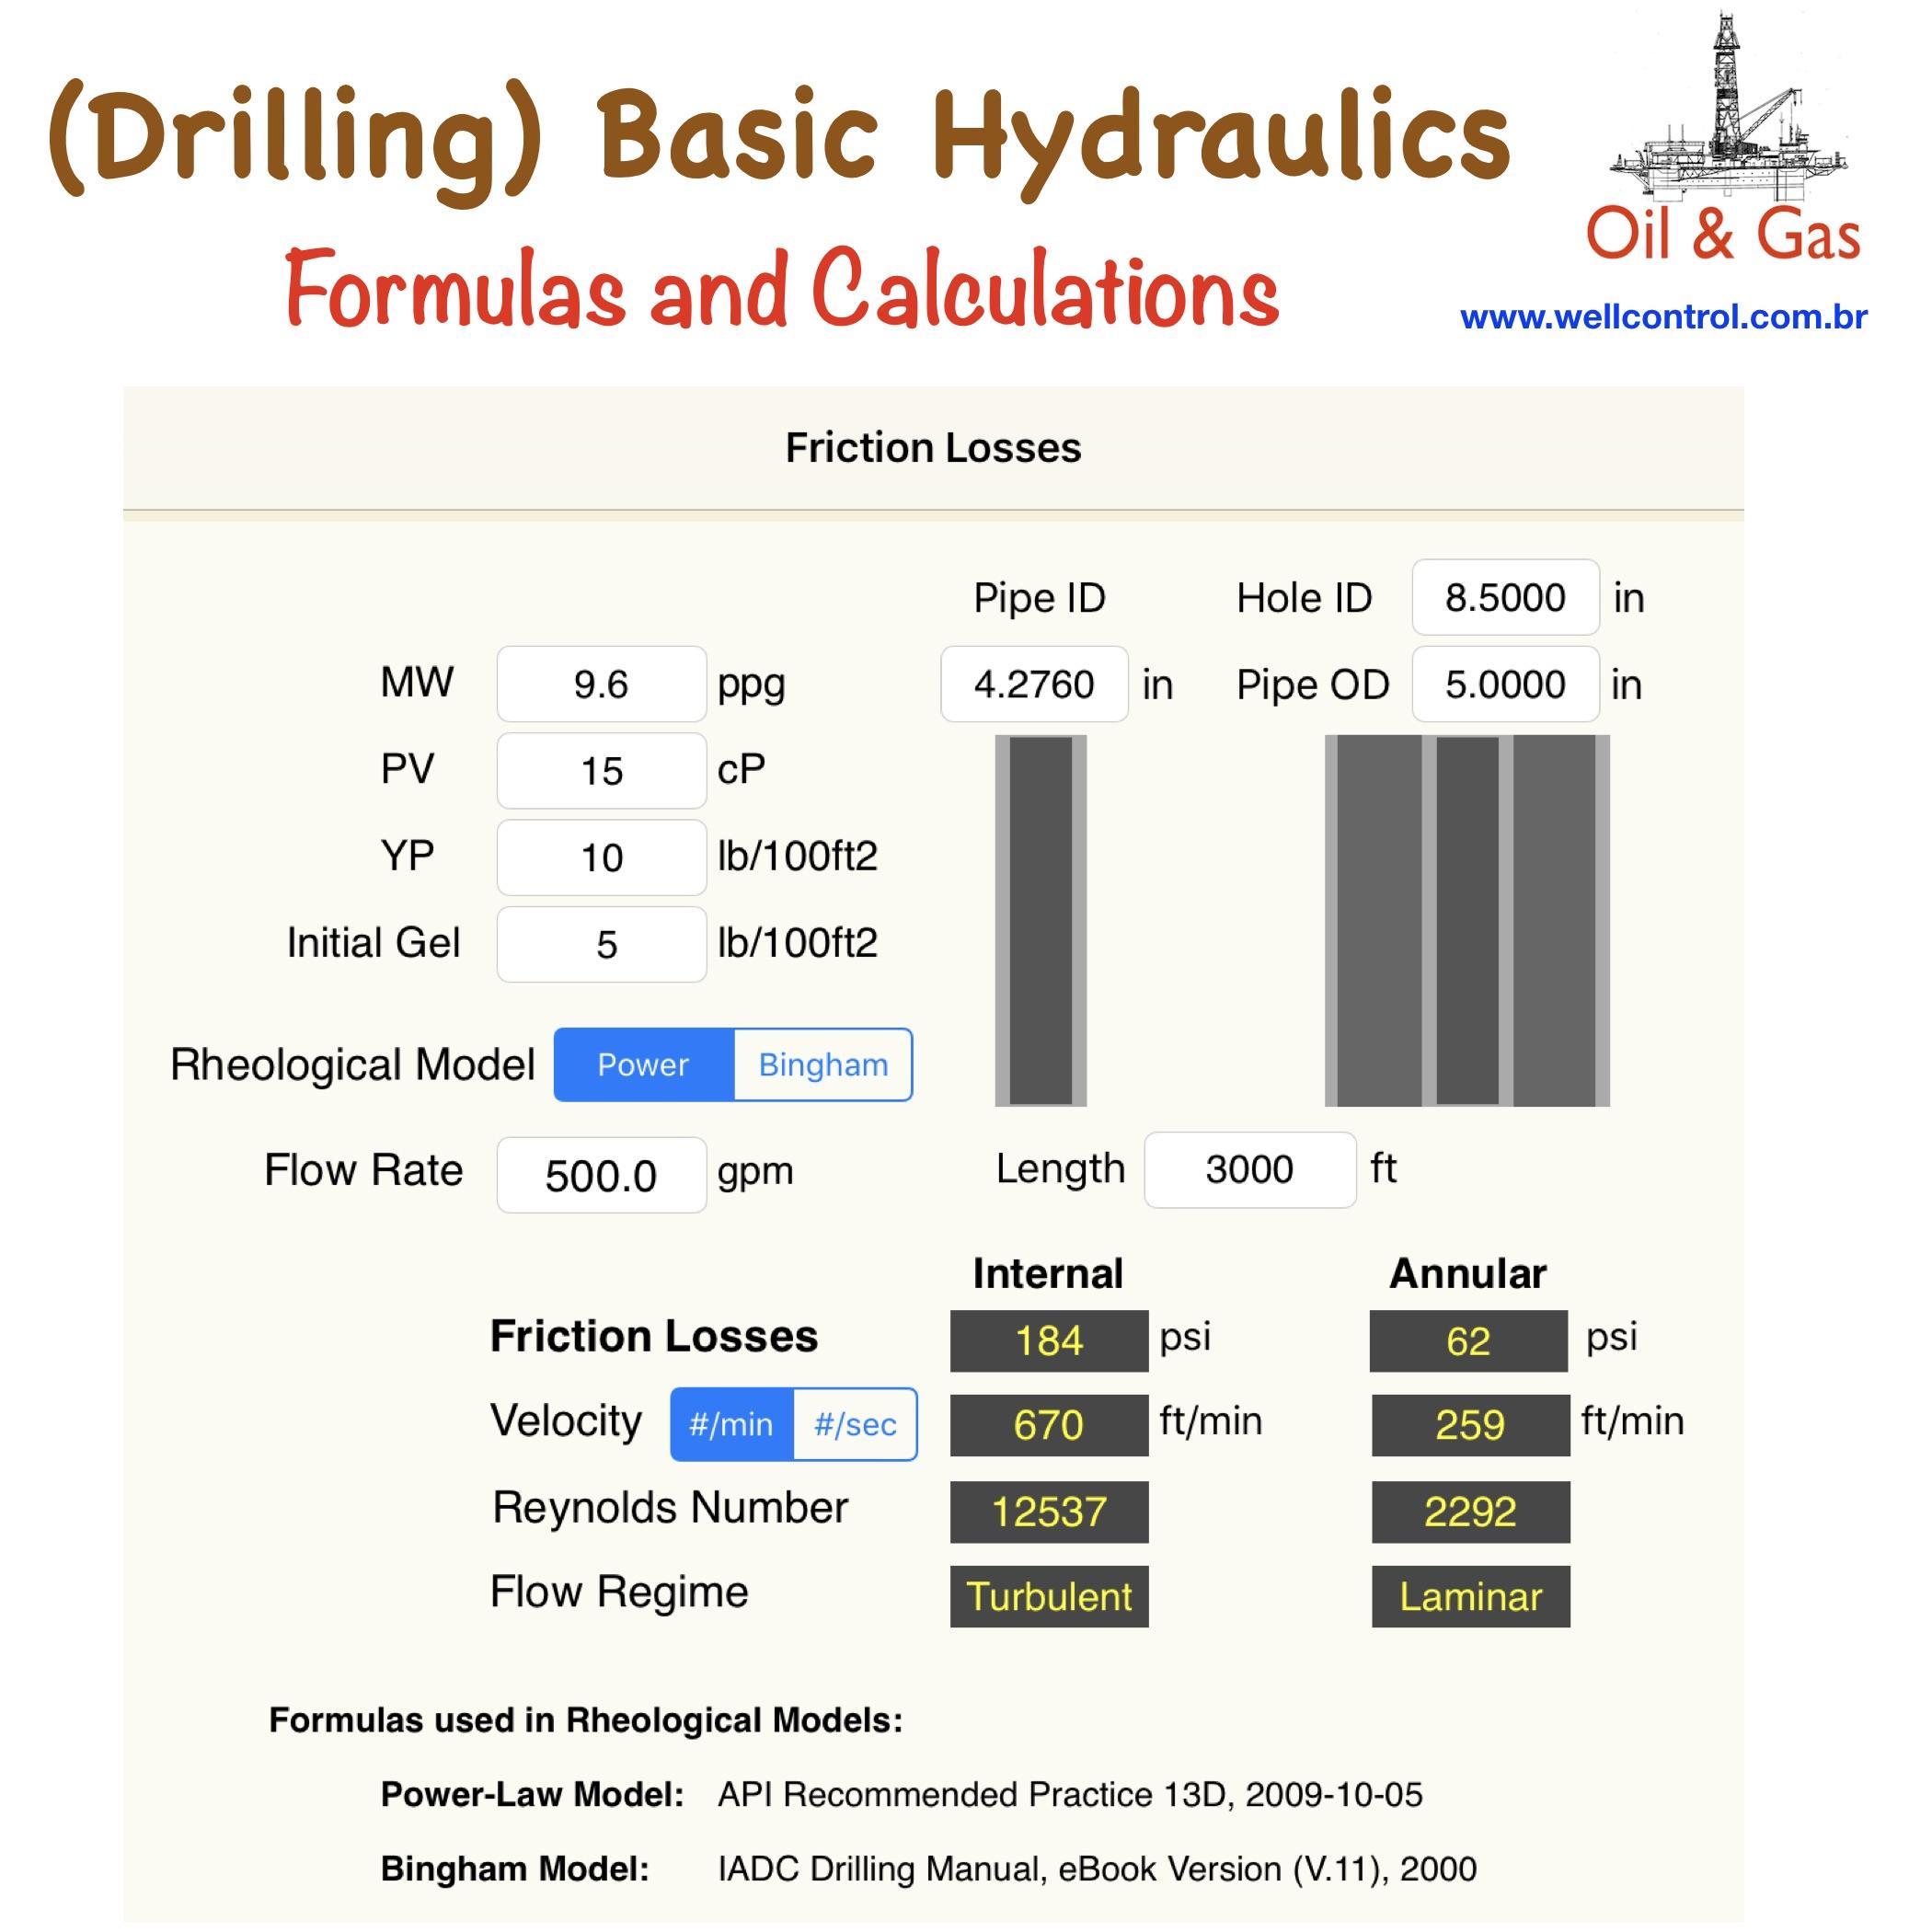 hydraulics_21_07